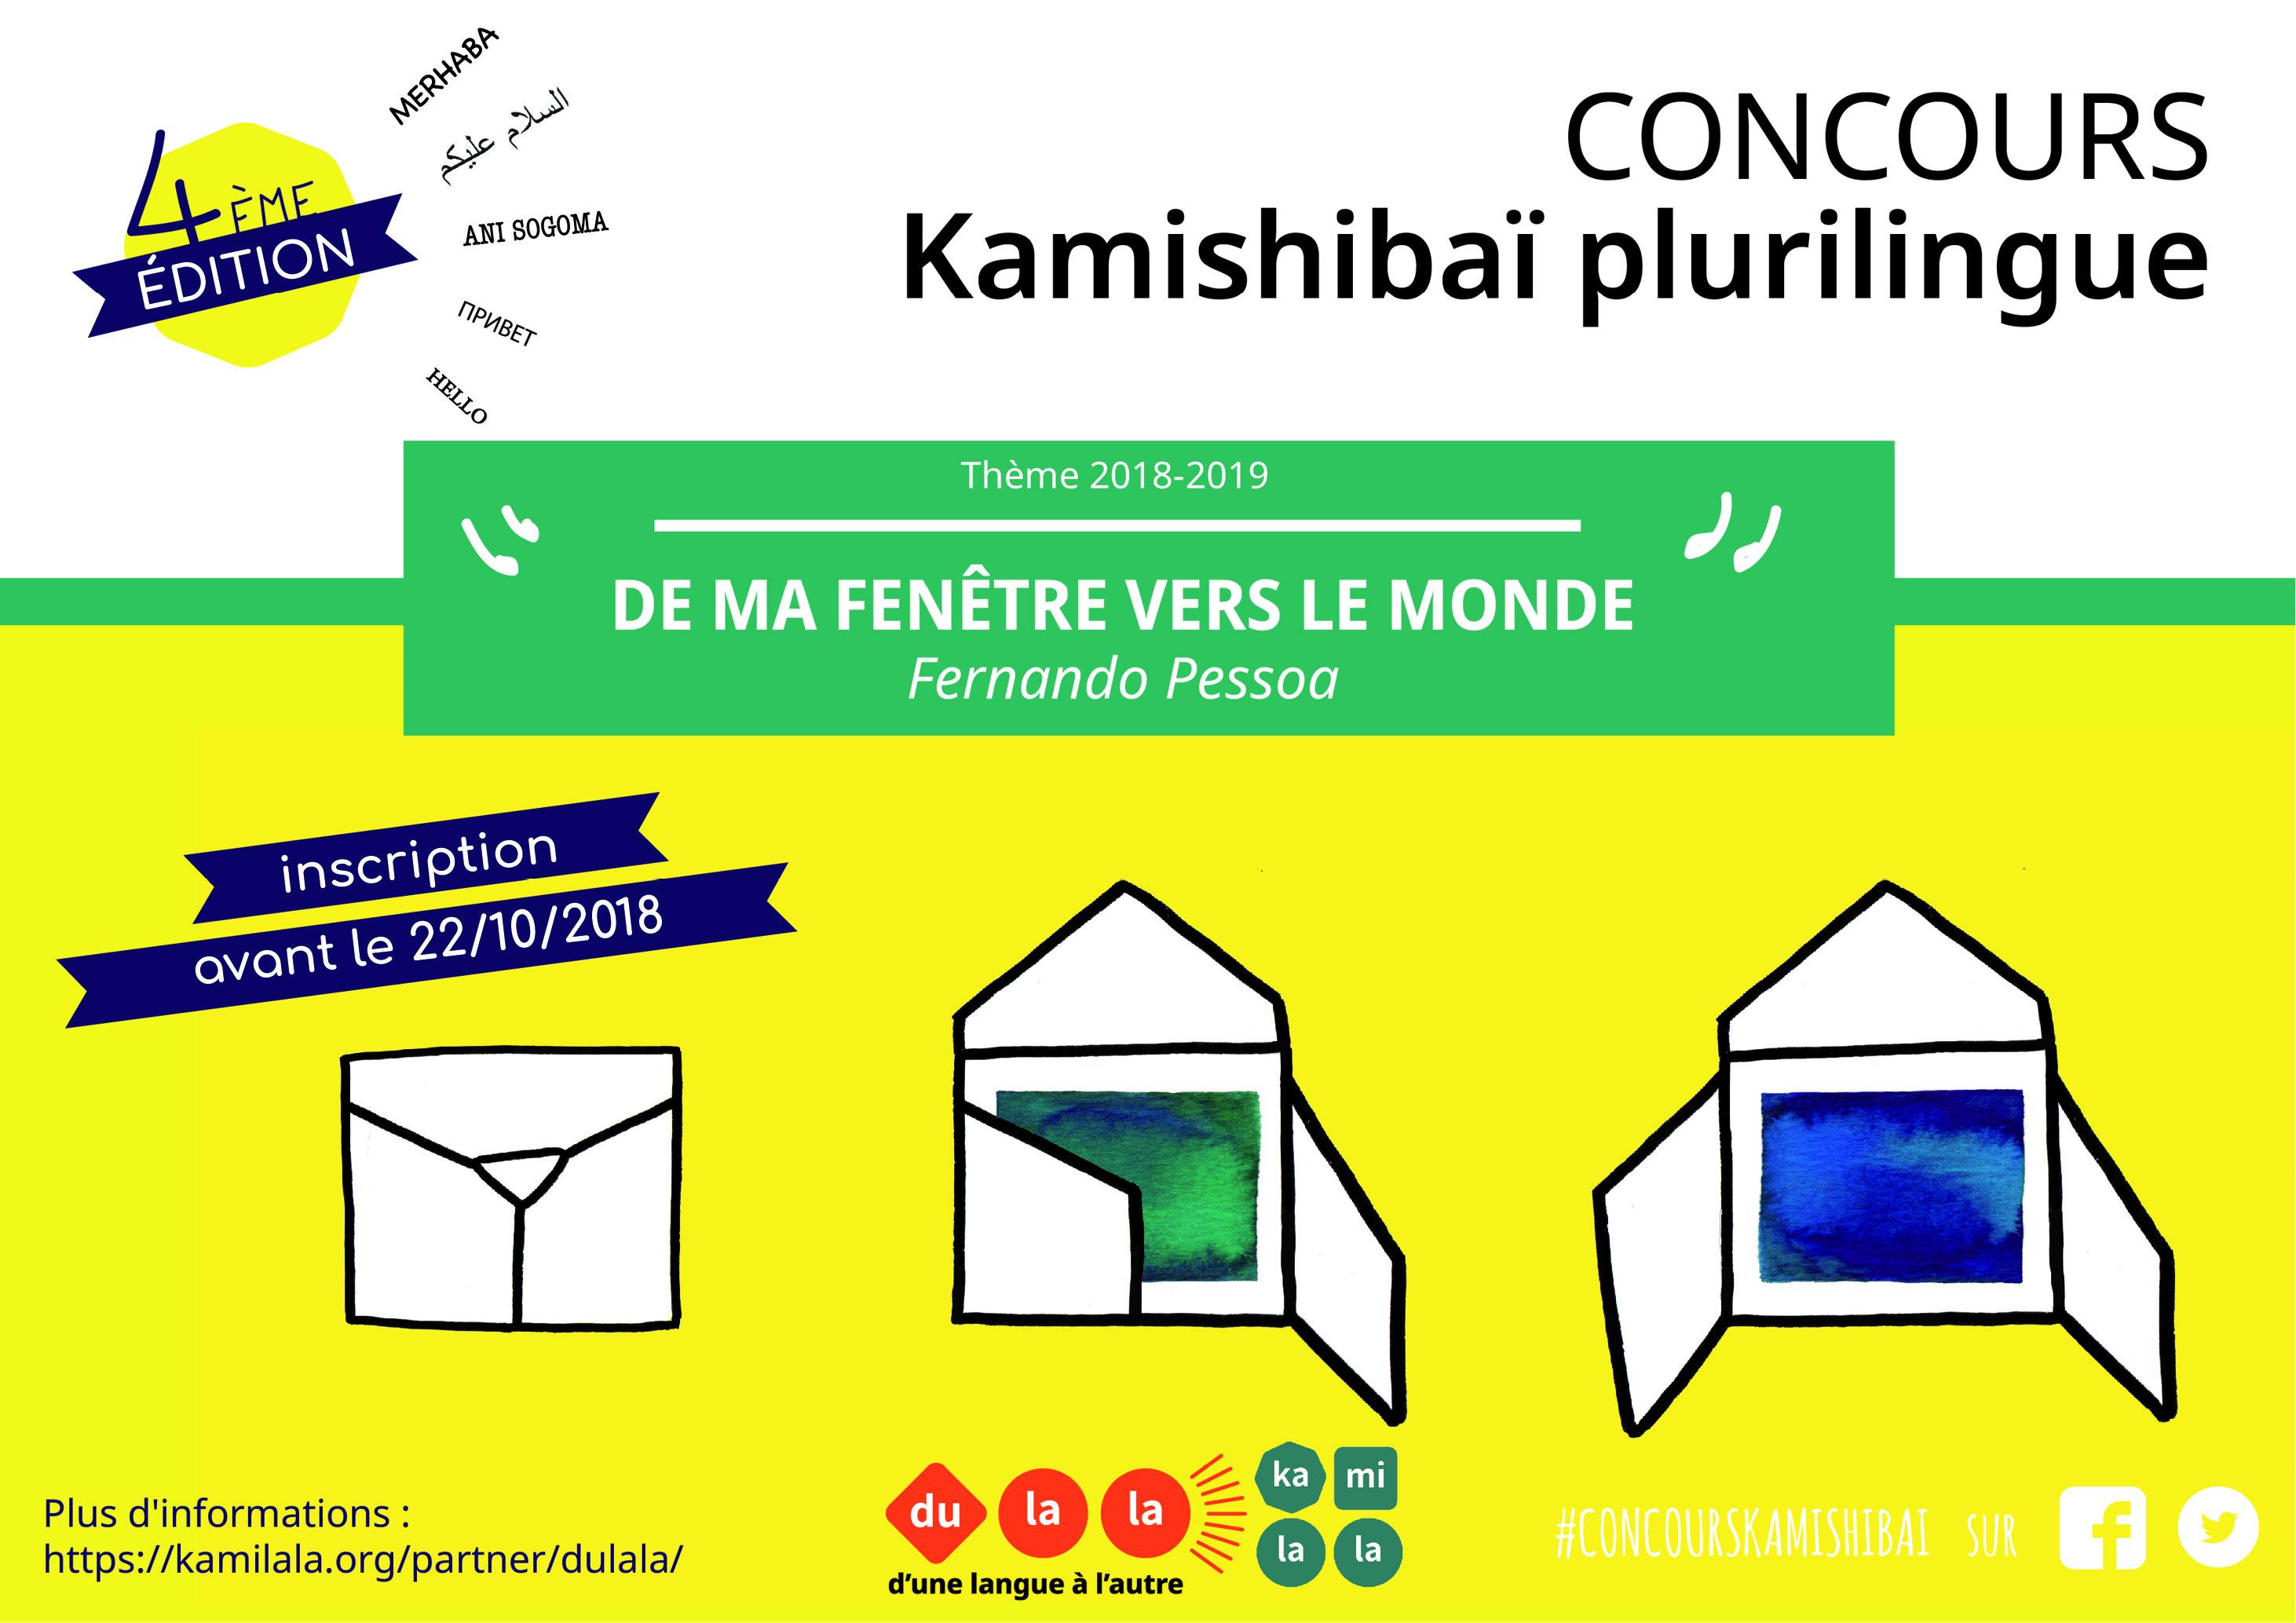 Concours Kamishibaï Plurilingue 2018-2019